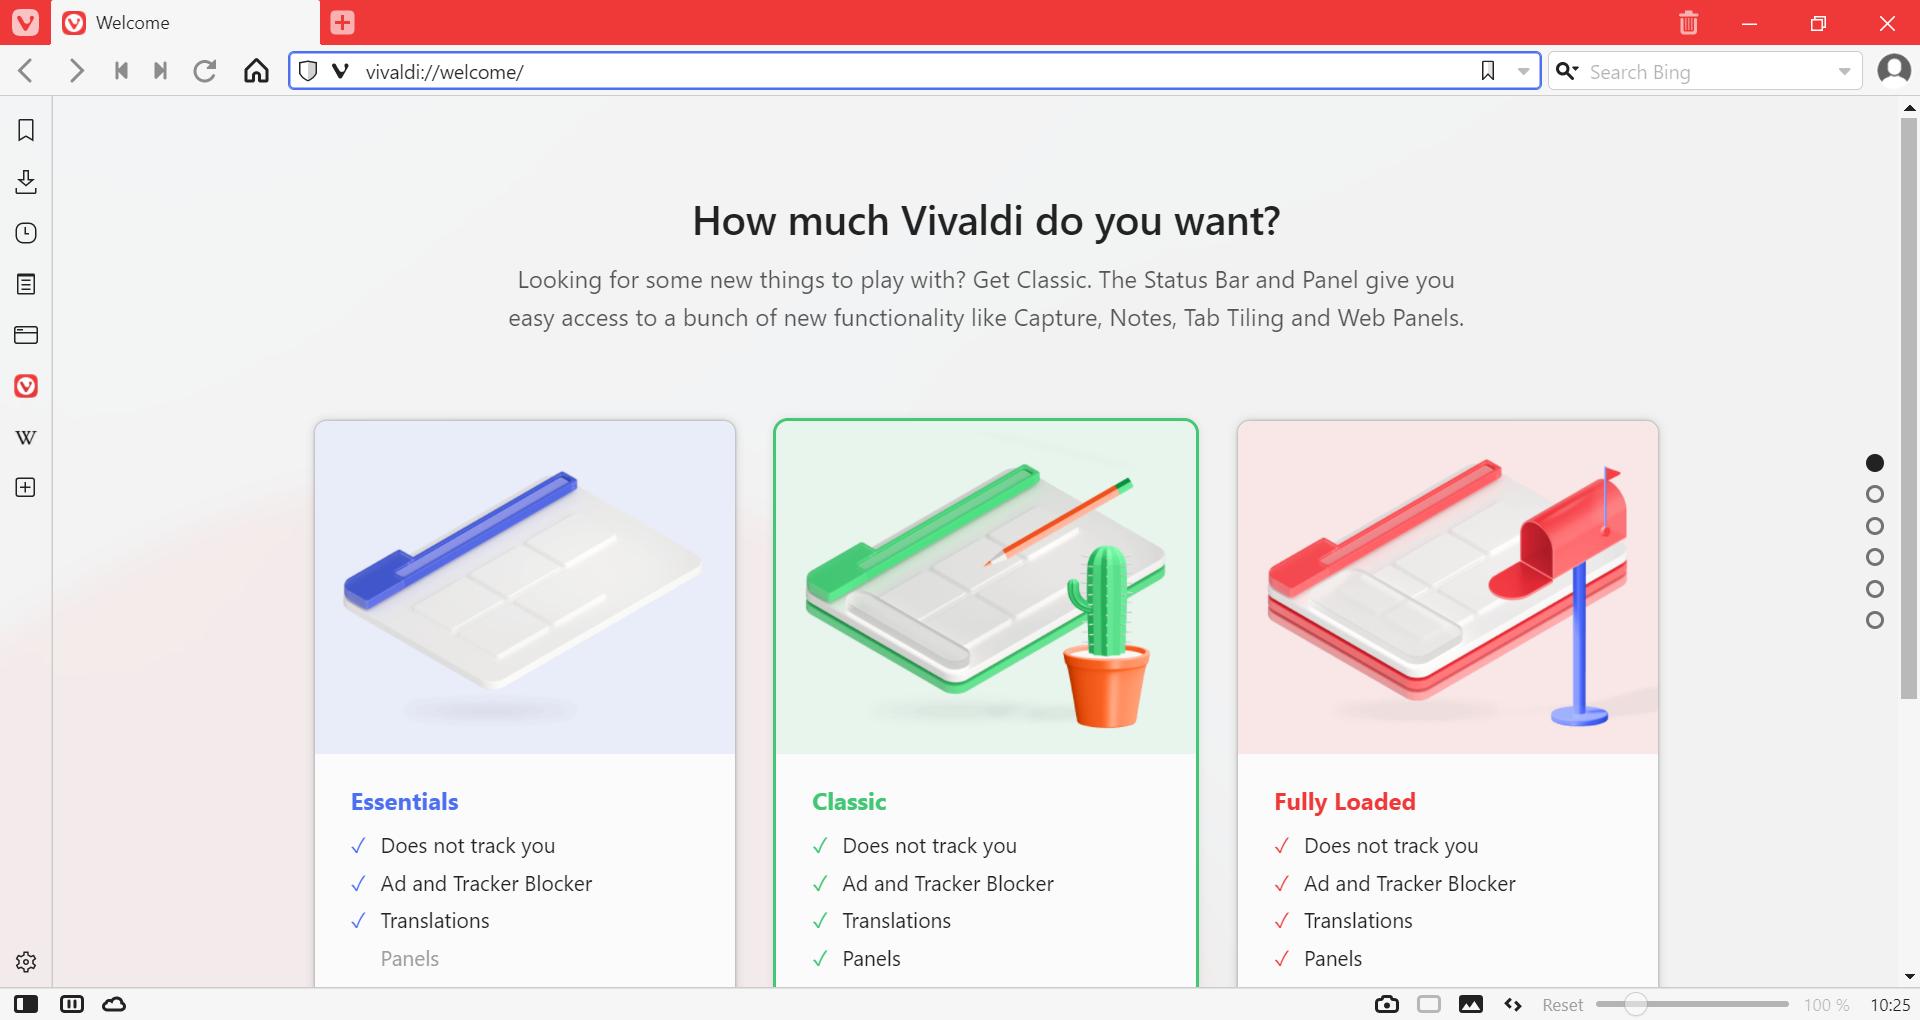 Vivaldi прегледач са страницом добродошлице отвореној у картици